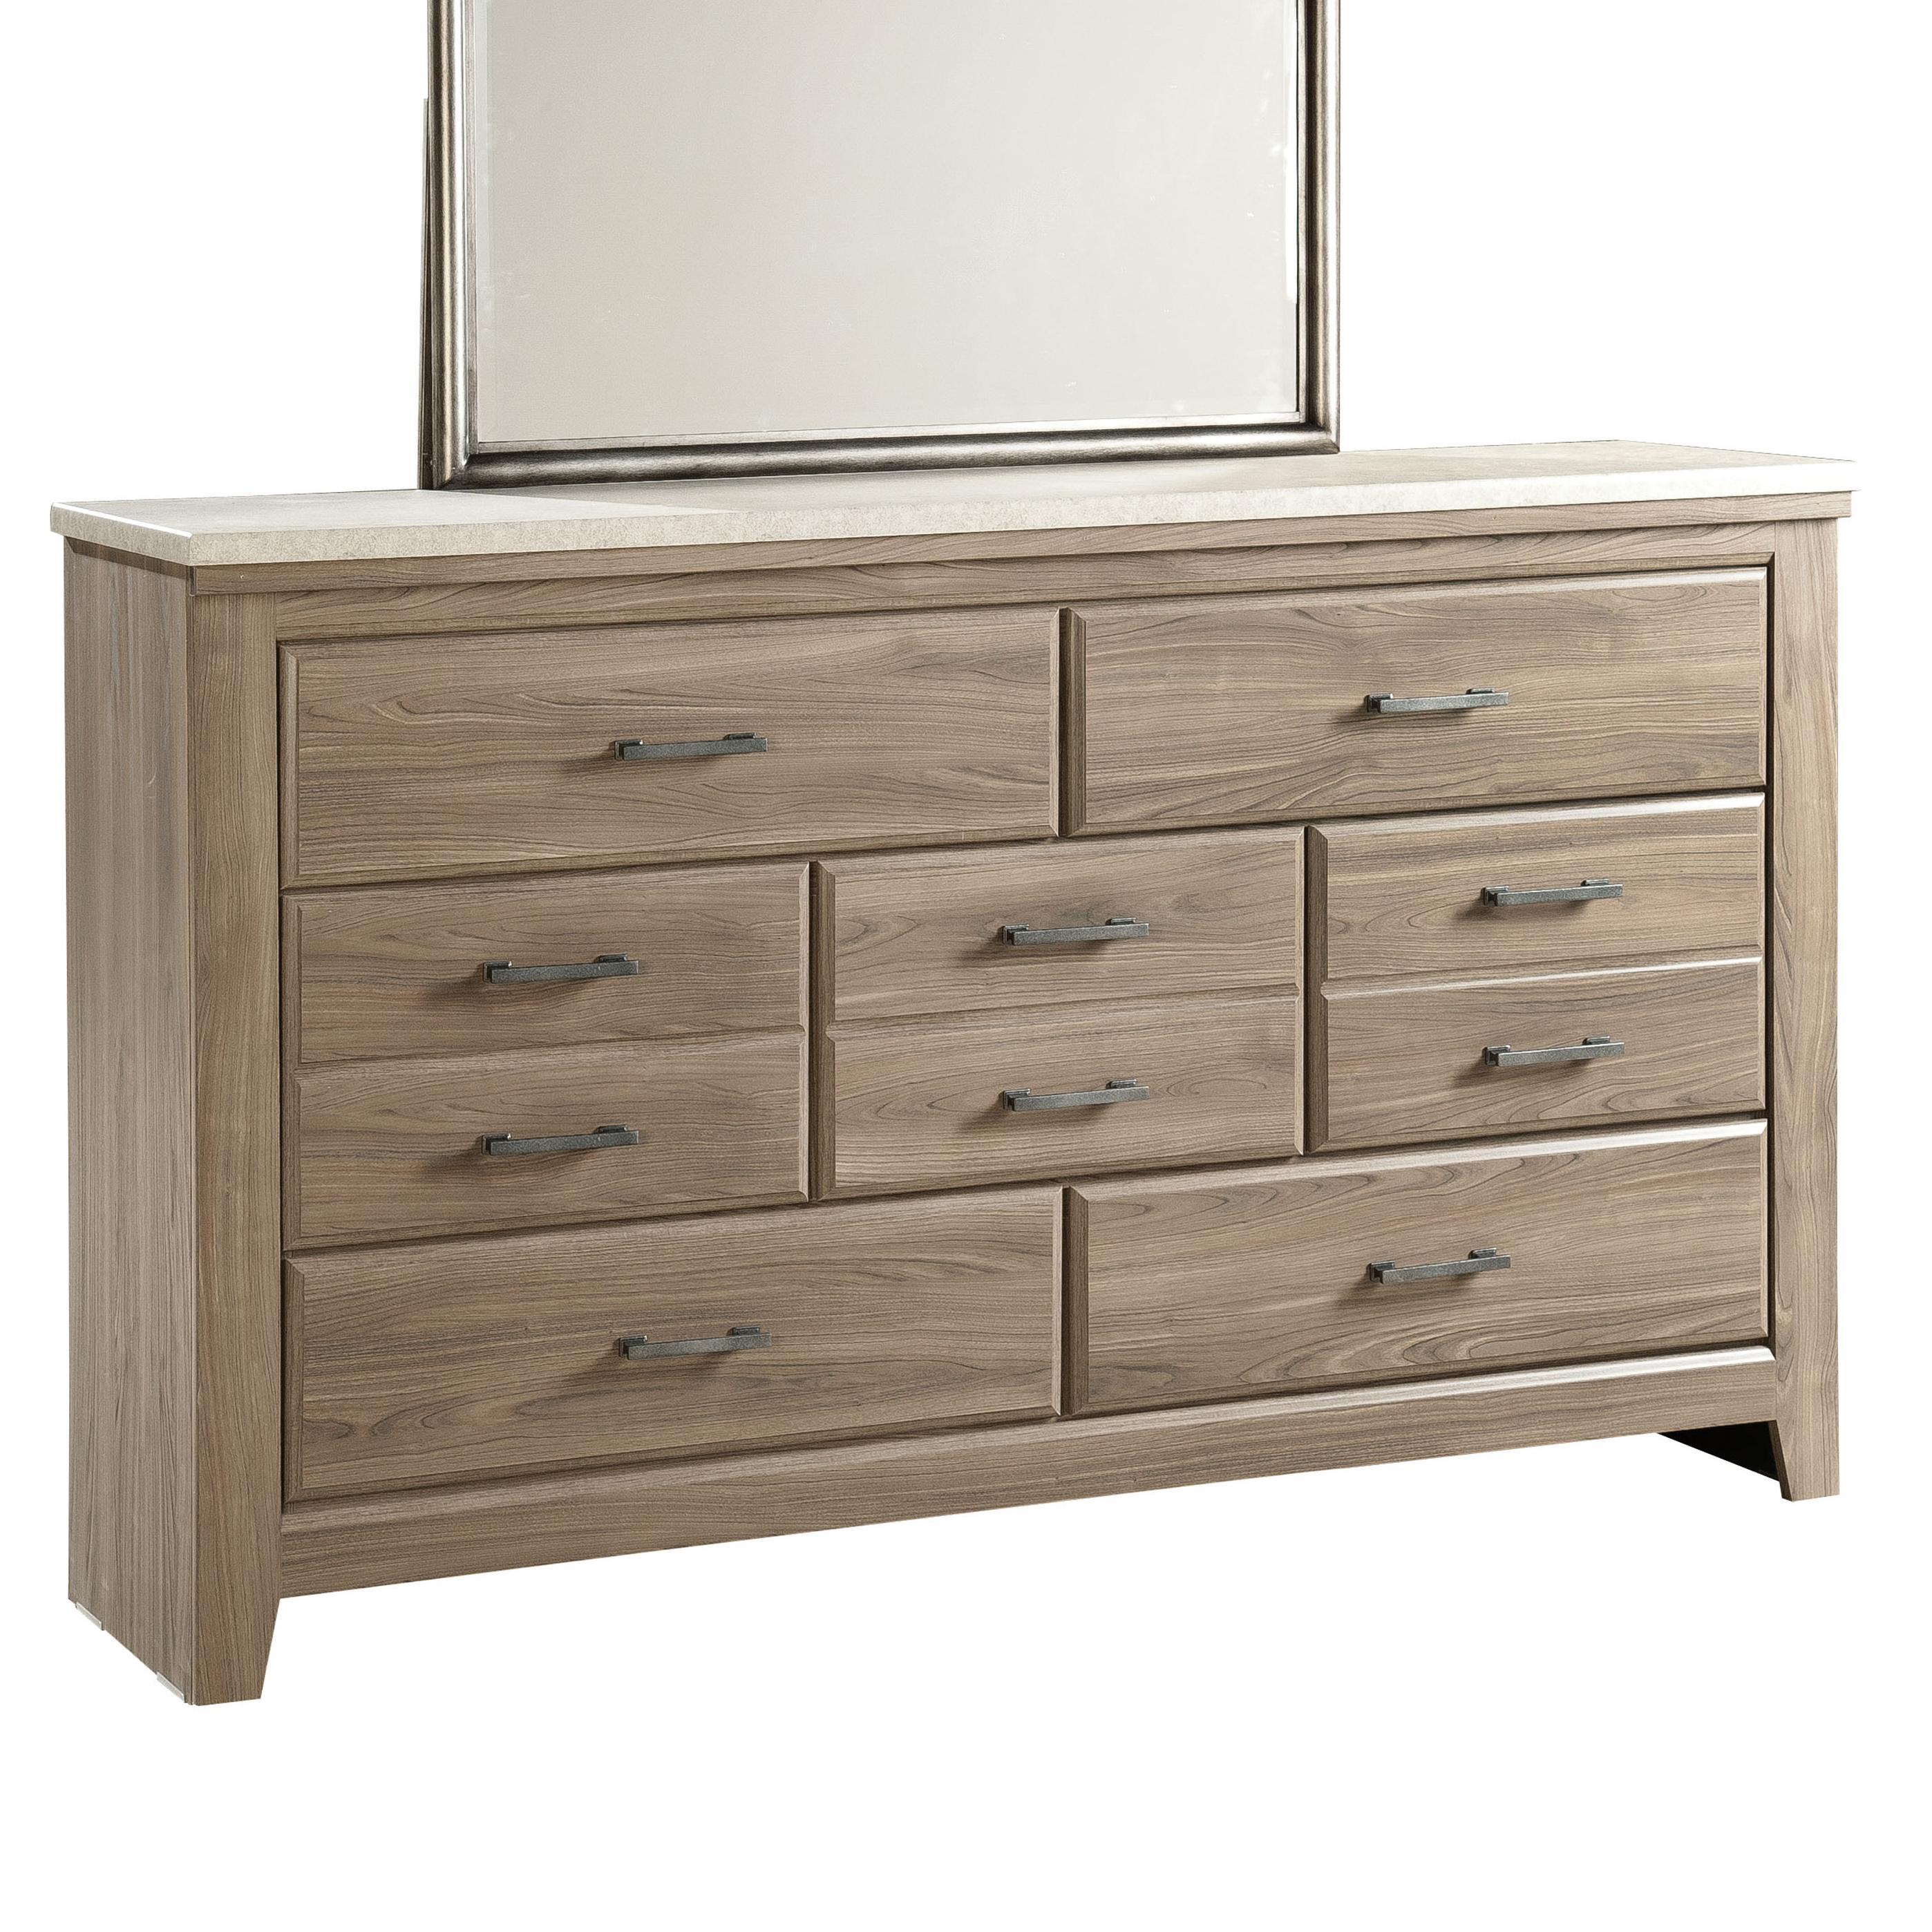 Standard Furniture Stonehill 7 Drawer Dresser - Item Number: 69409